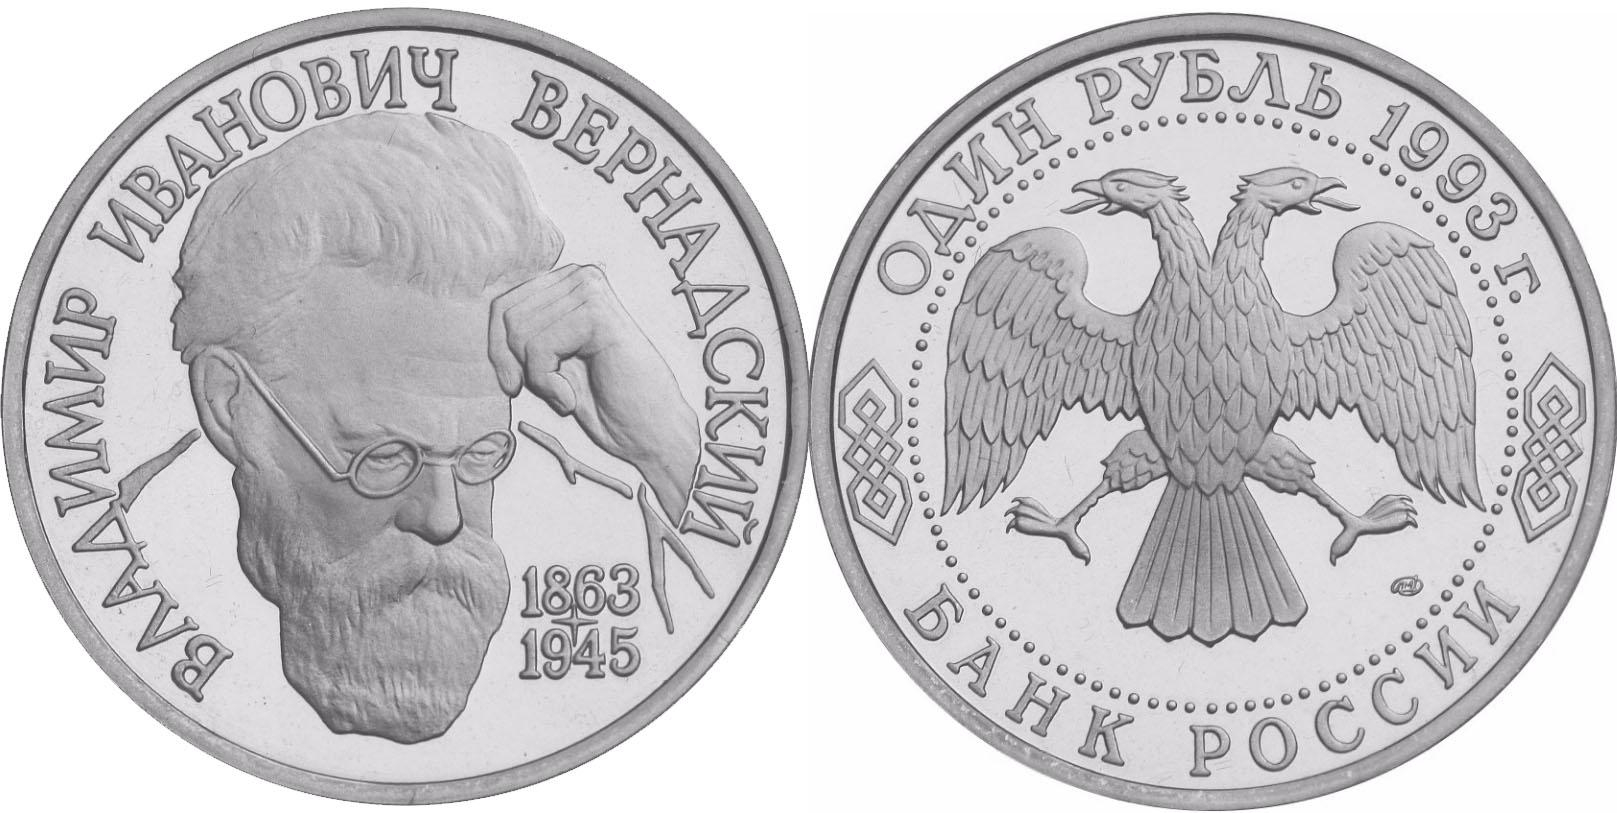 1 рубля посвященный 130-летию со дня рождения В. И. Вернадского